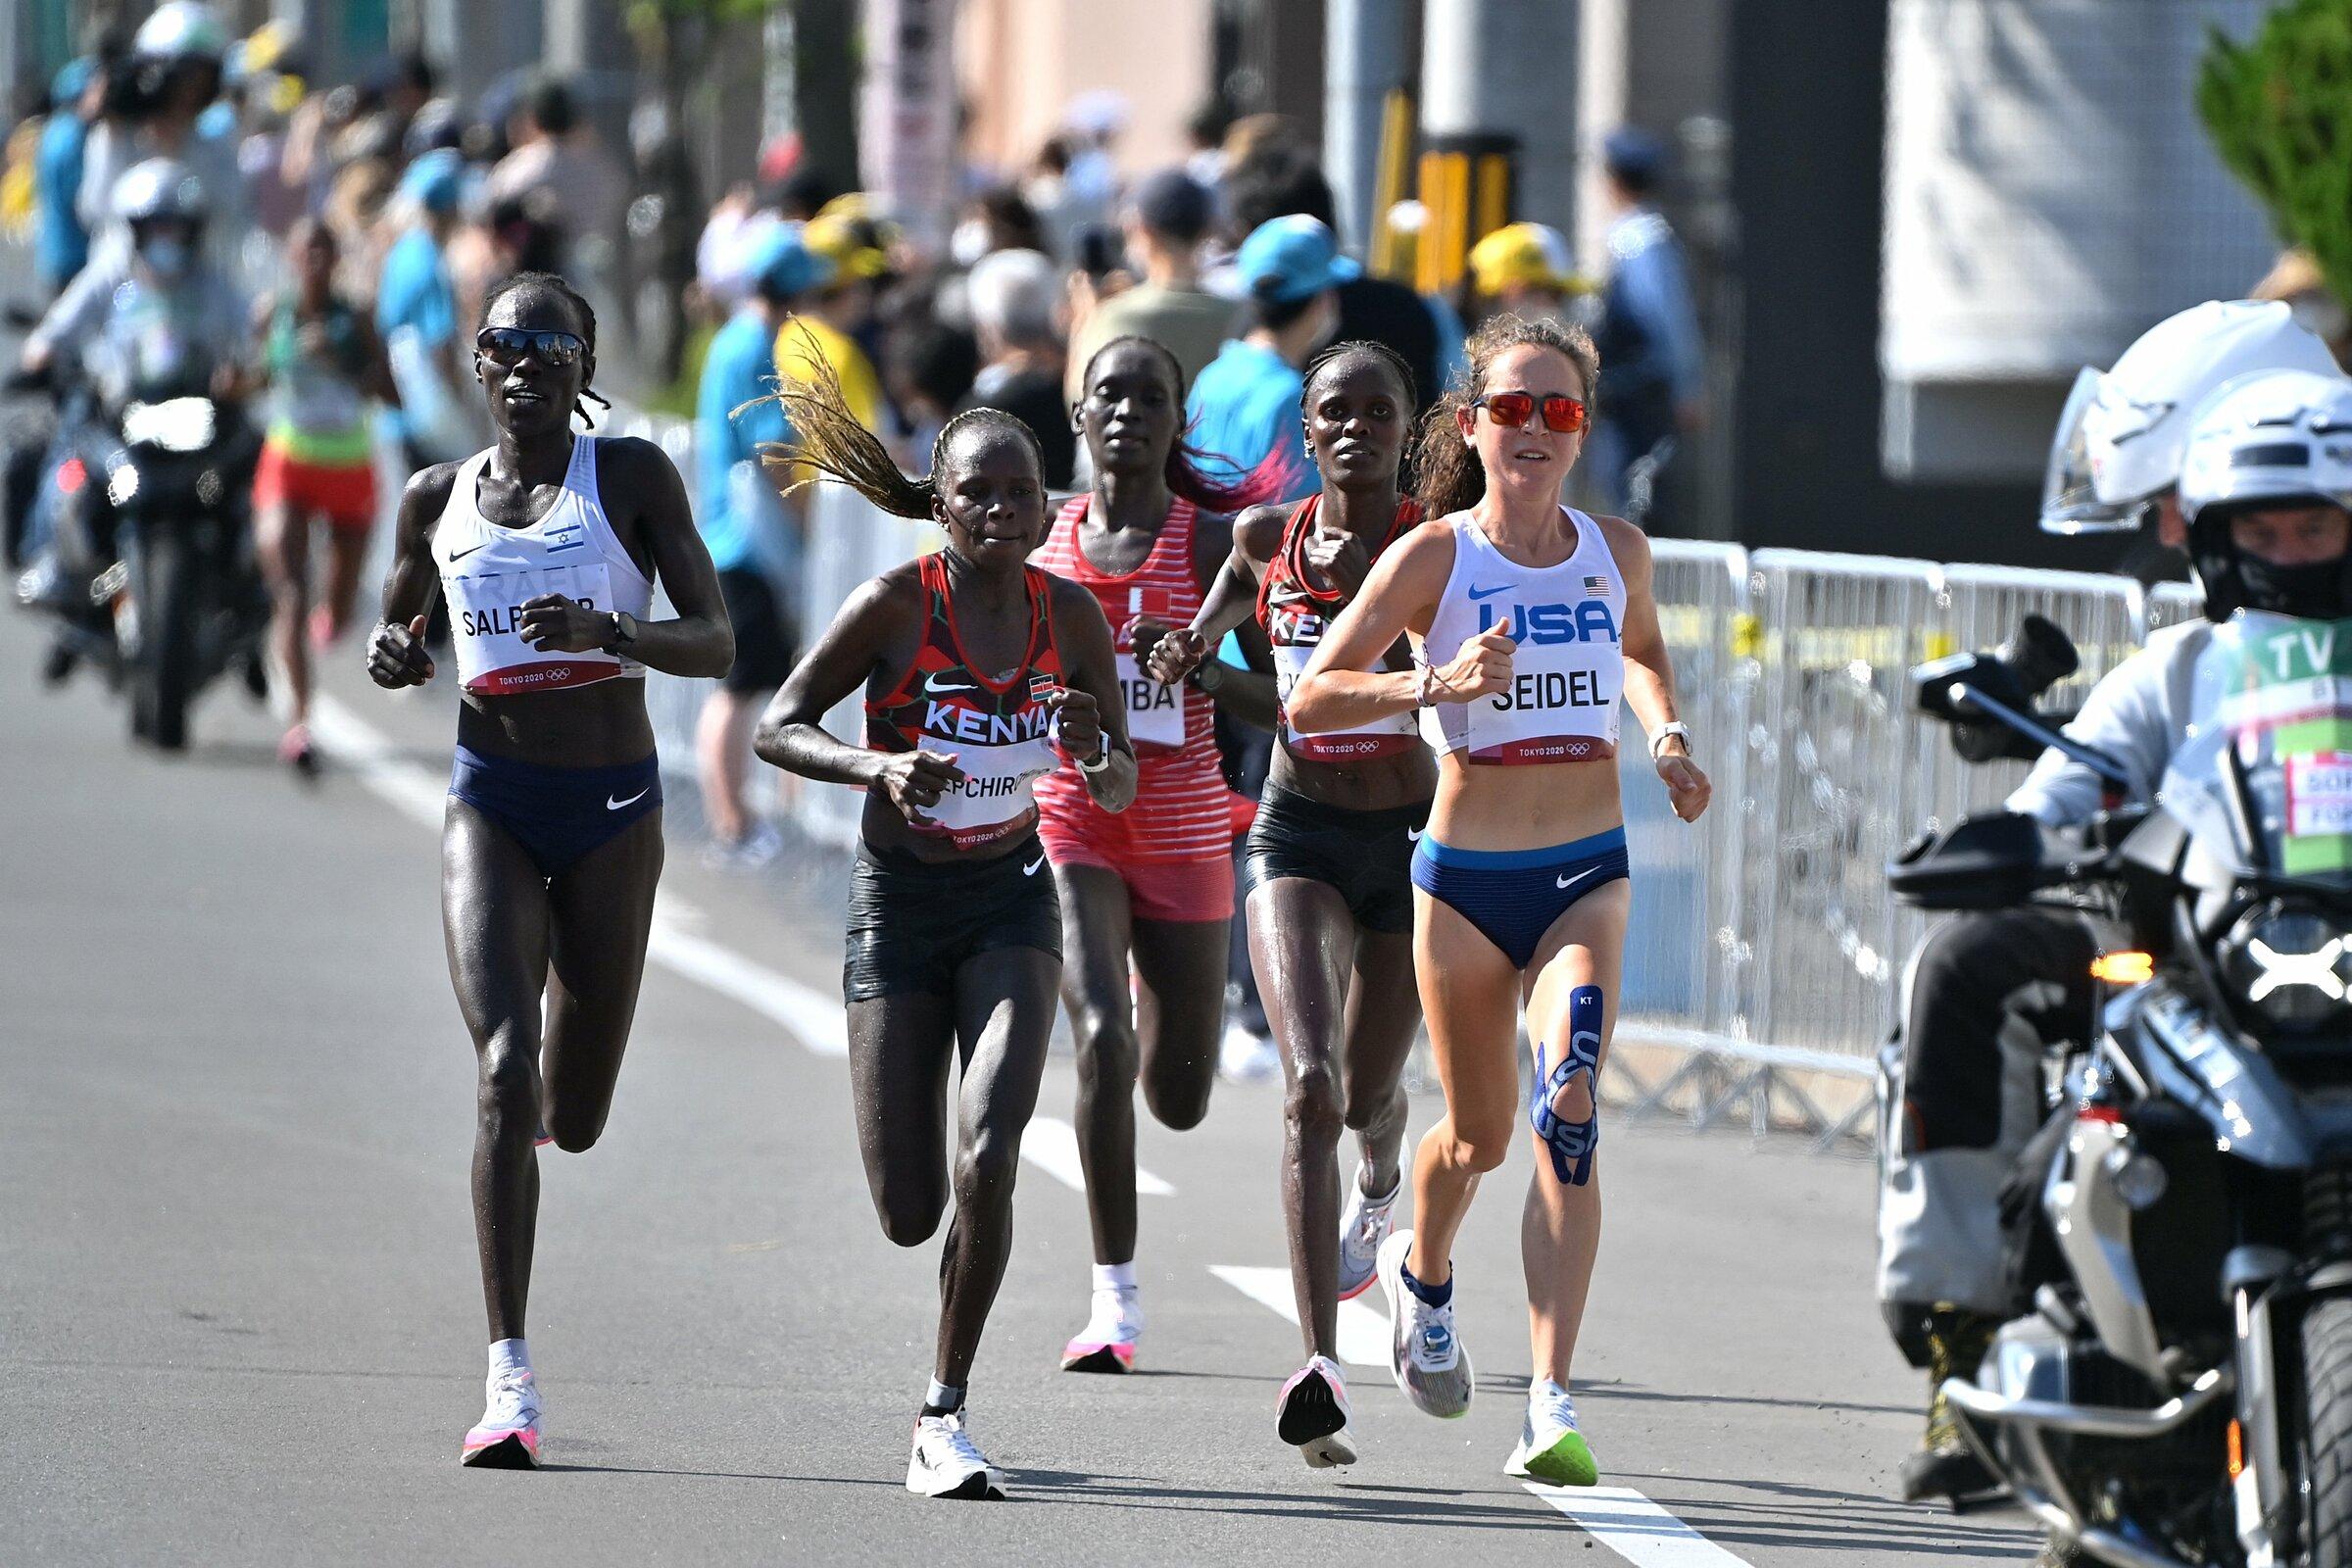 Nhóm của Kosgei, Jepchirchir, Seidel và Salpeter bắt đầu tách khỏi đoàn đông từ mốc 36km. Ảnh: Team Kenya